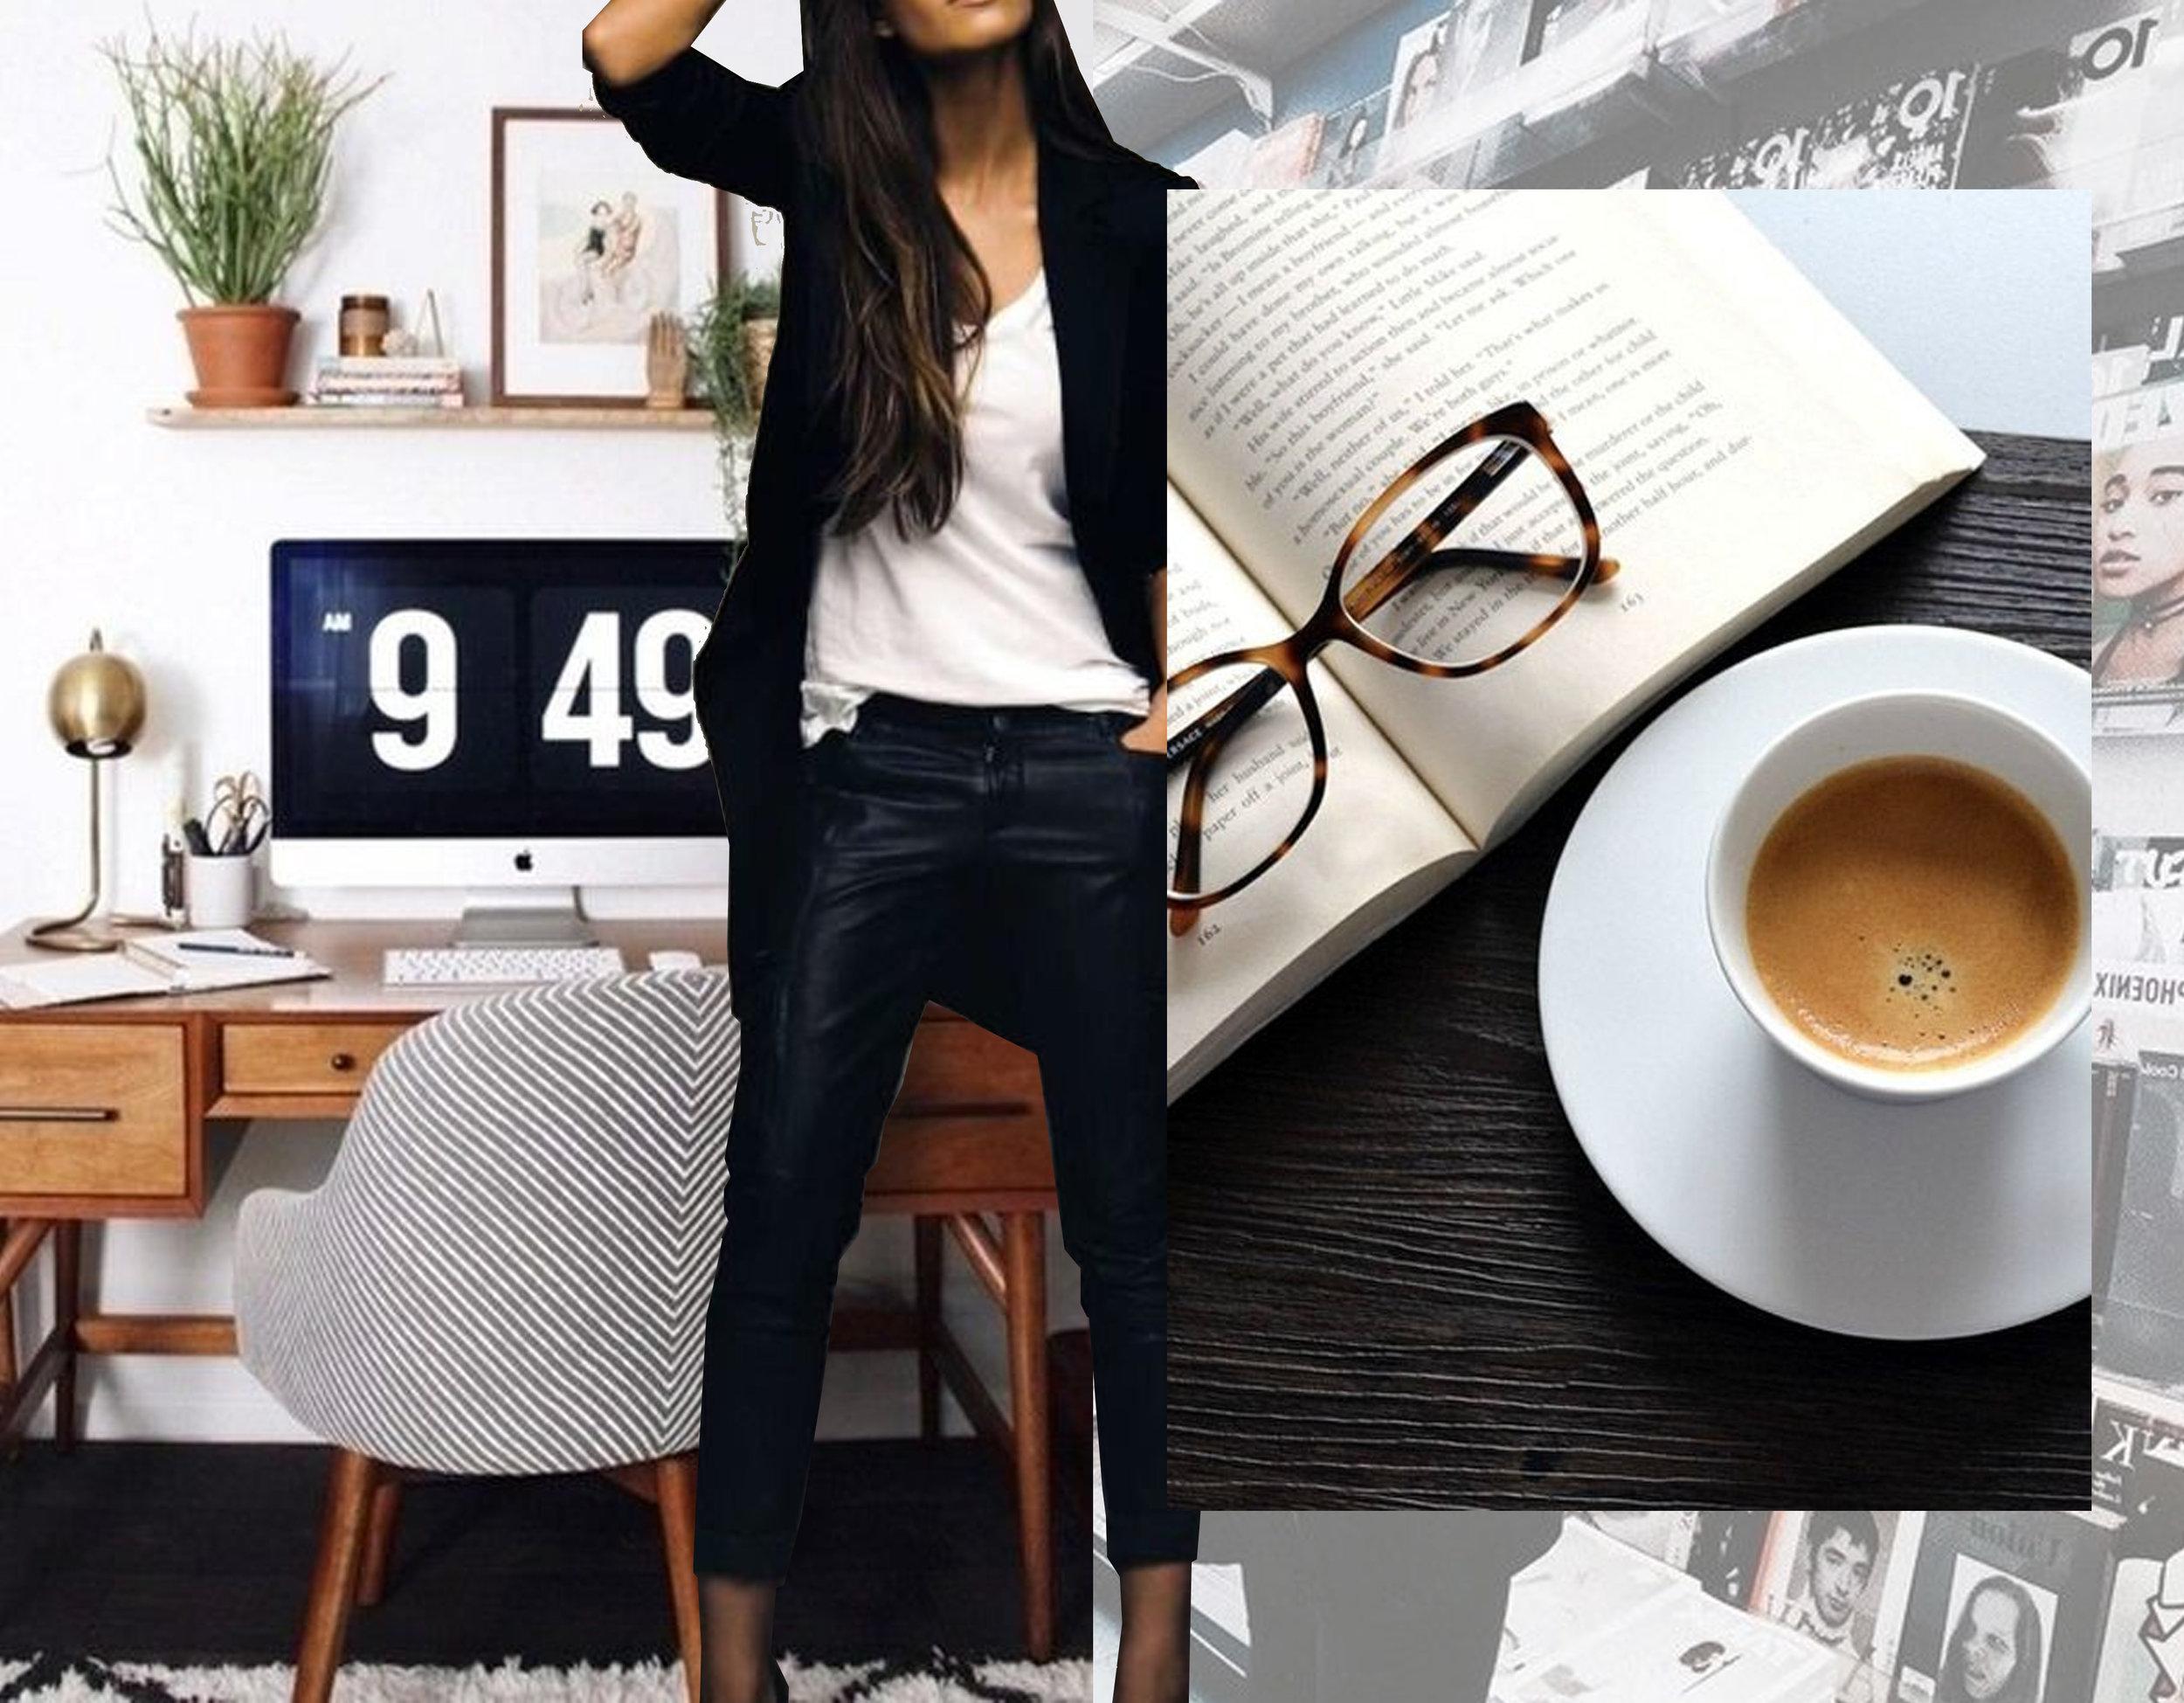 home desk via  Instagram  - fashion image via  Redefine Style -  Nespresso coffee